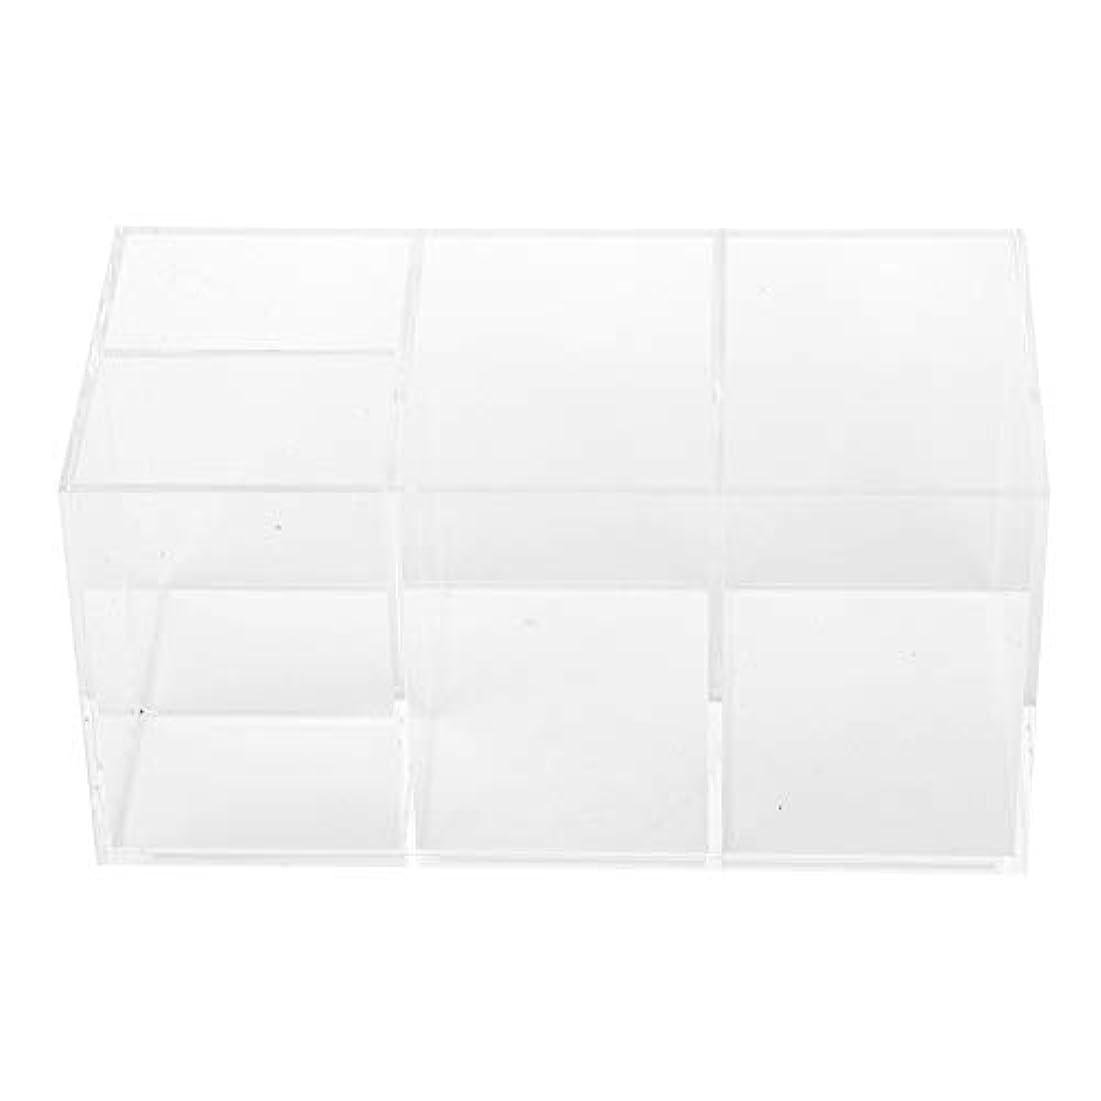 起訴するアパート有用ポータブル耐久性のあるネイルアート収納ボックス - 美しいデスクトップネイルアートオーガナイザーボックス